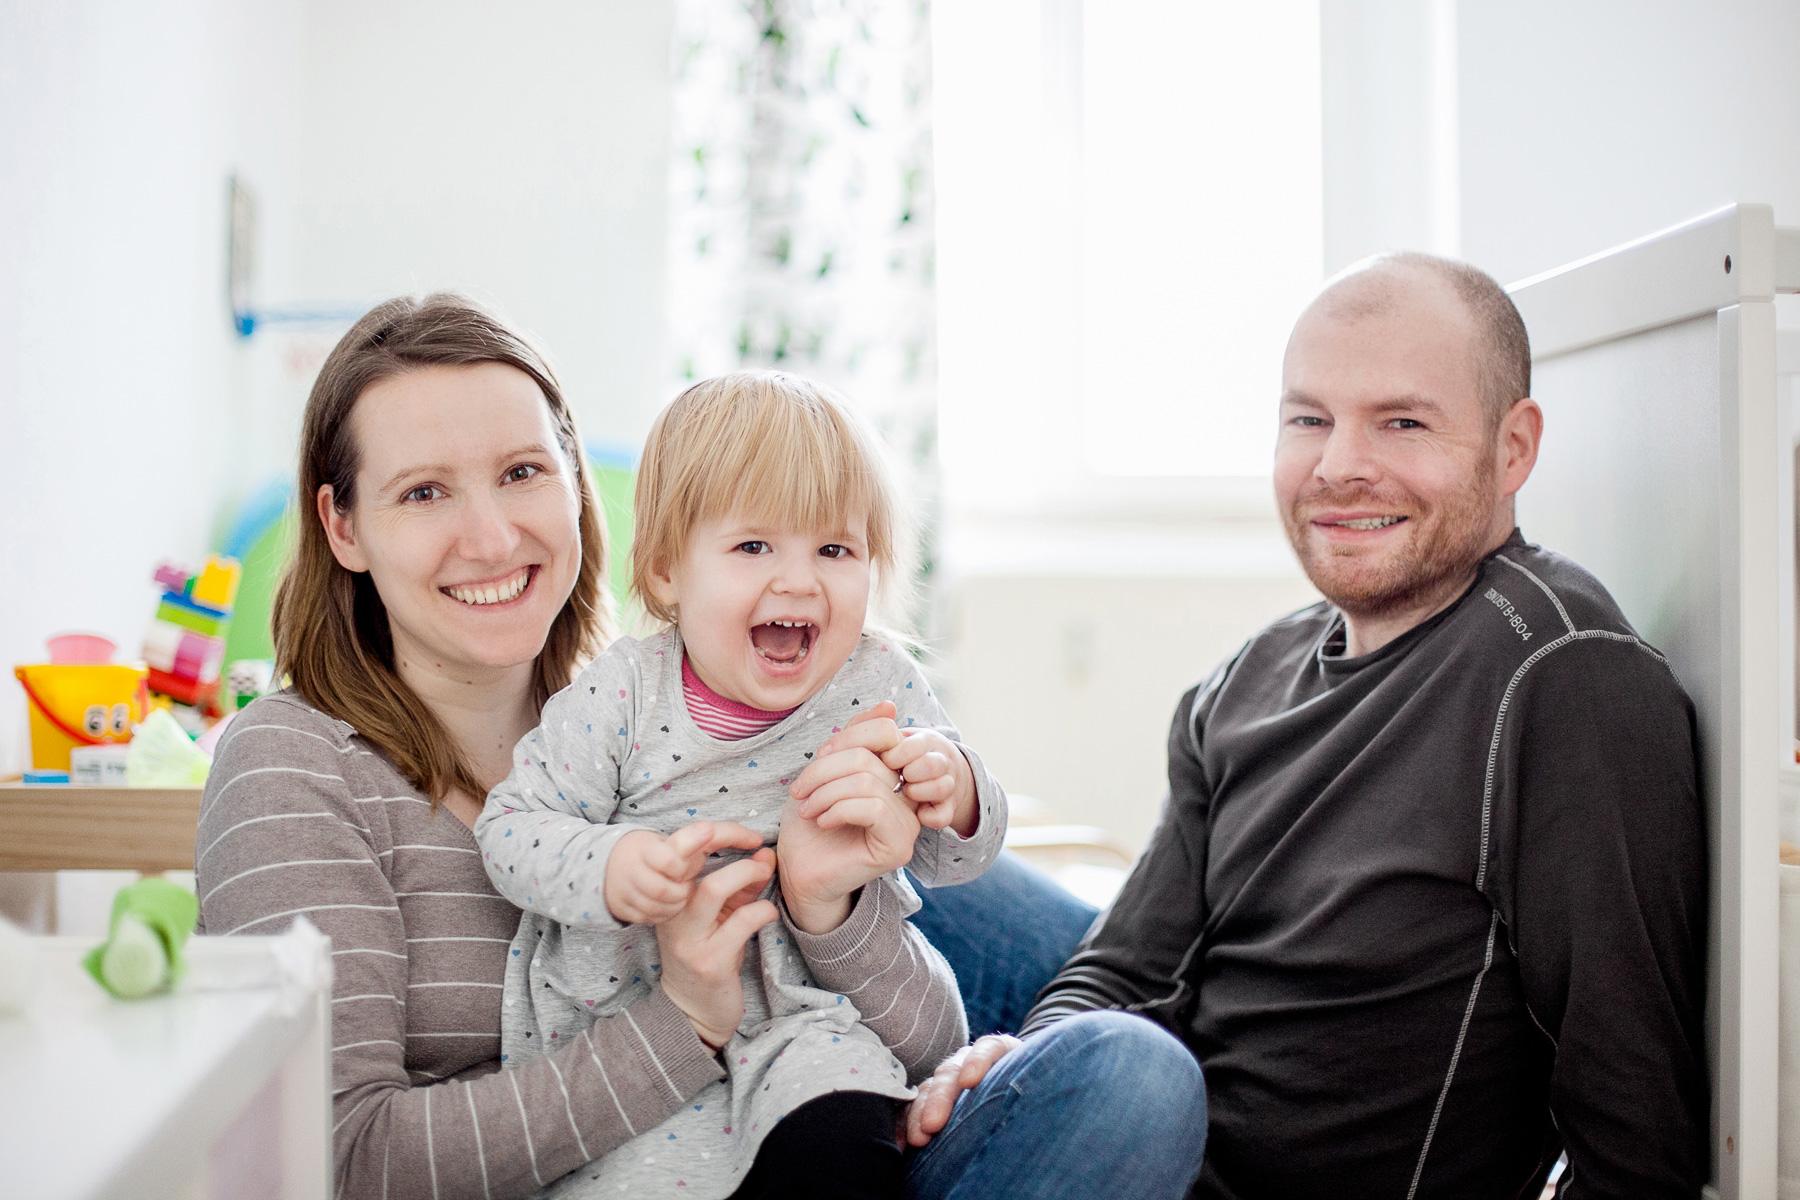 glückliche Familie mit Kleinkind sitzt lachend im Kinderzimmer